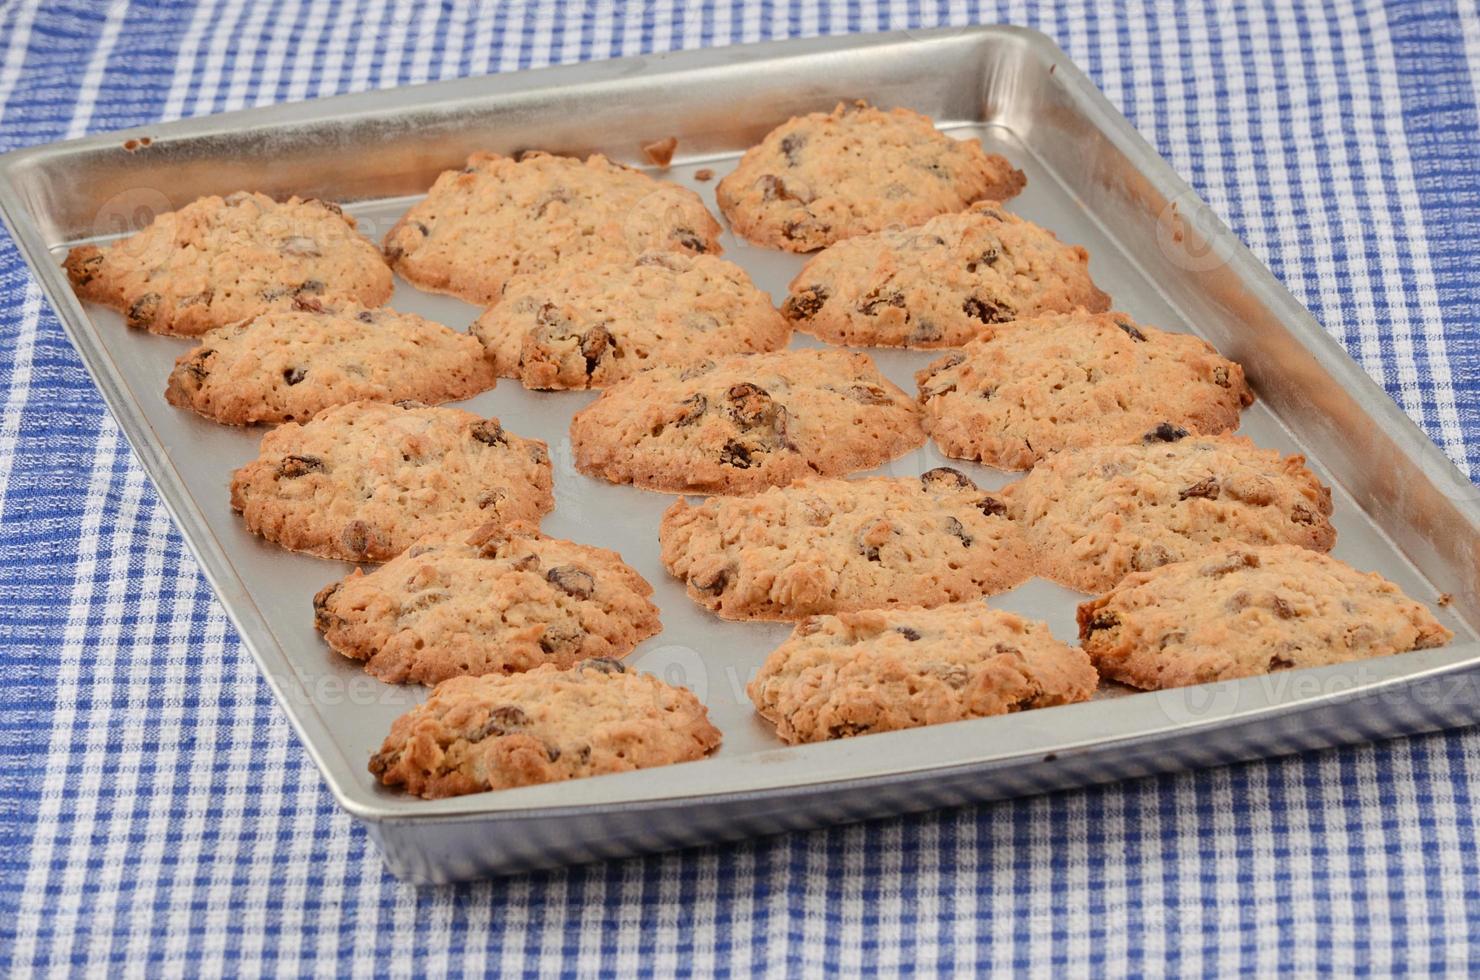 biscotti caldi al forno foto